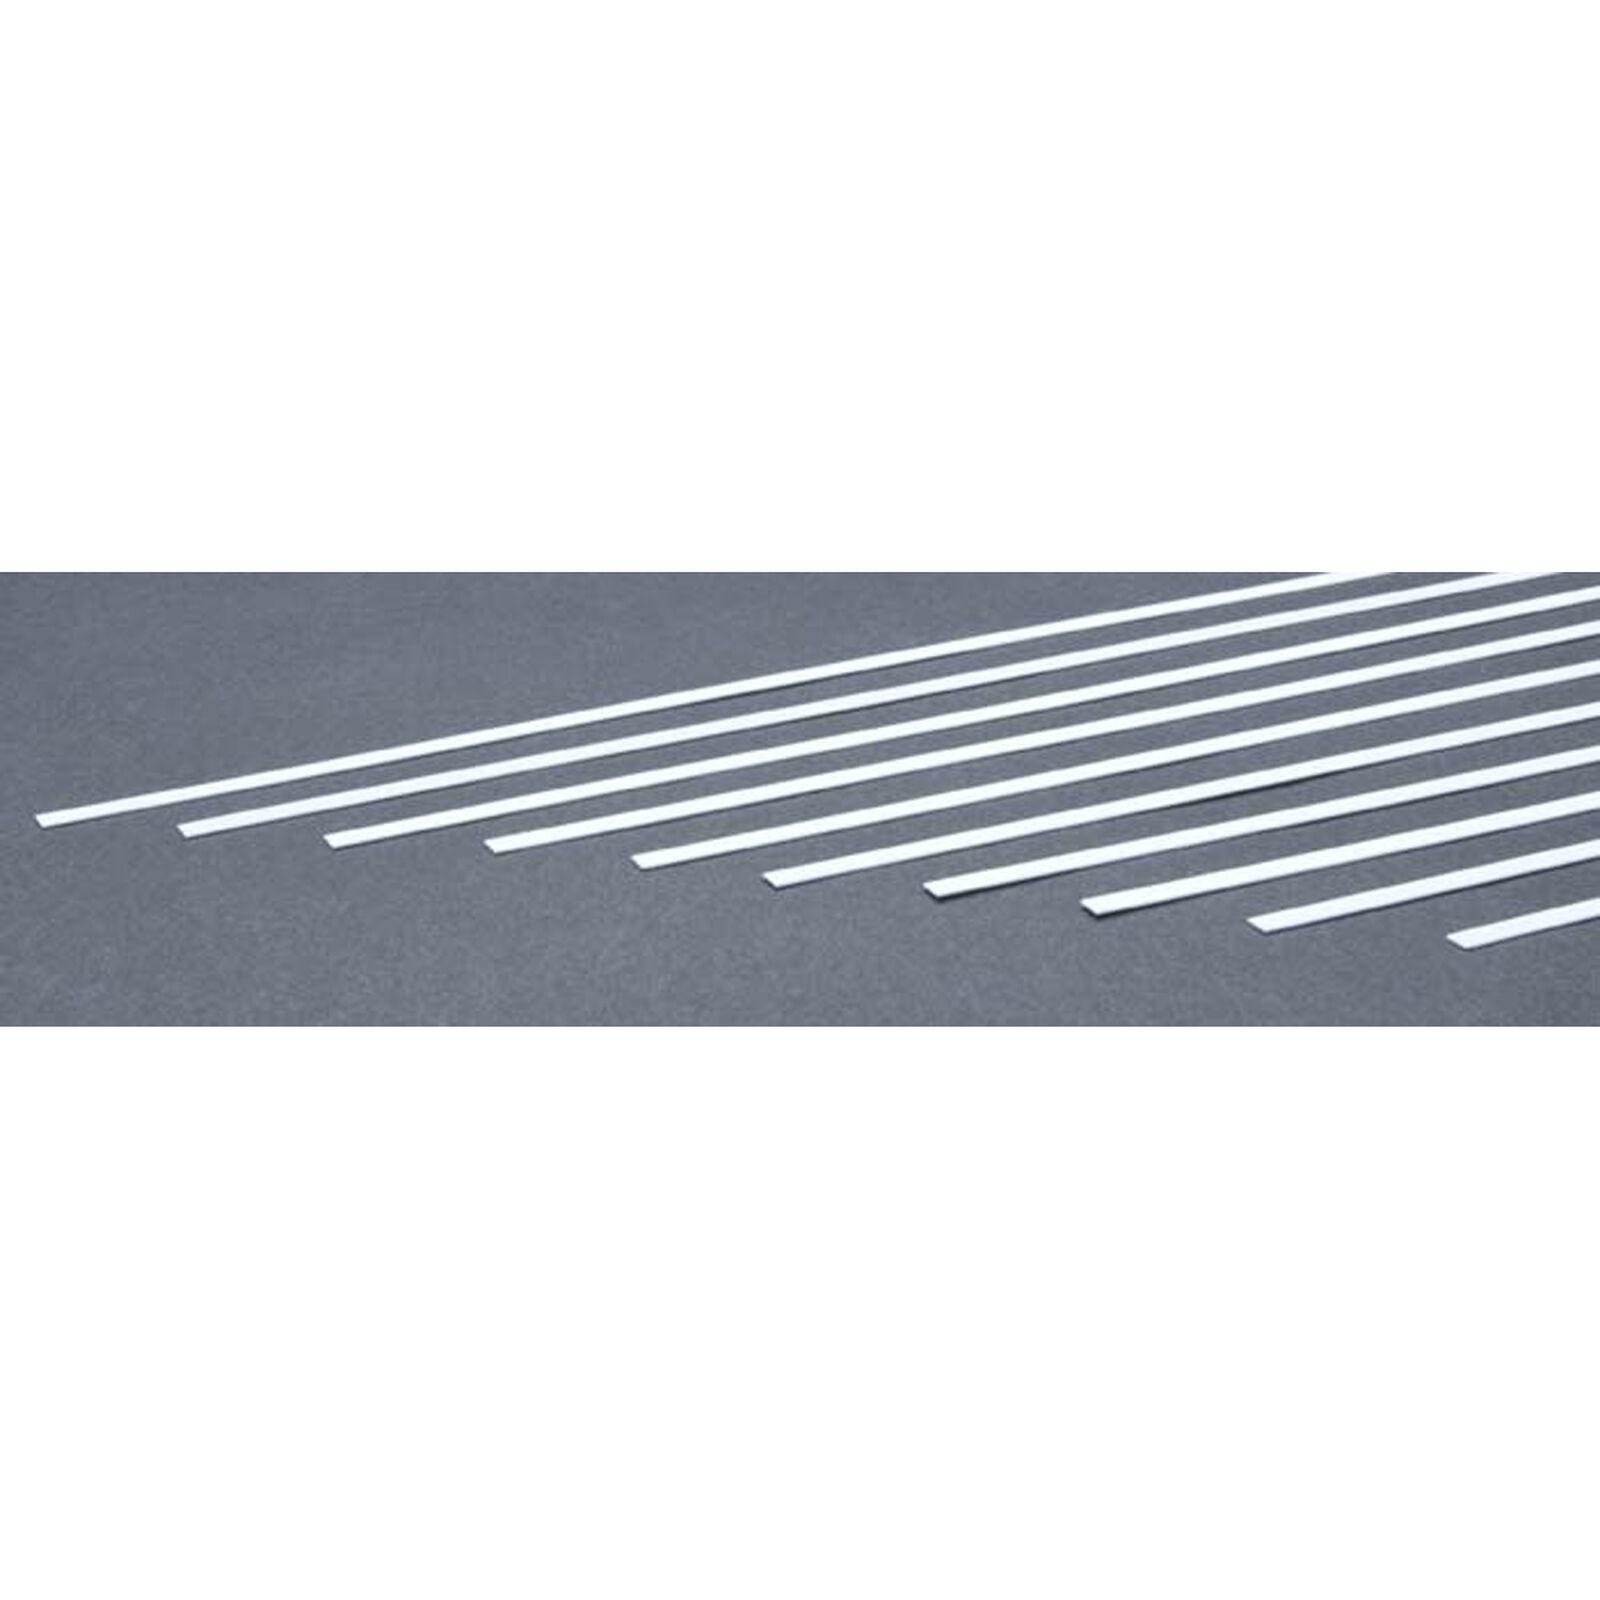 Strip .020 x .188 (10)